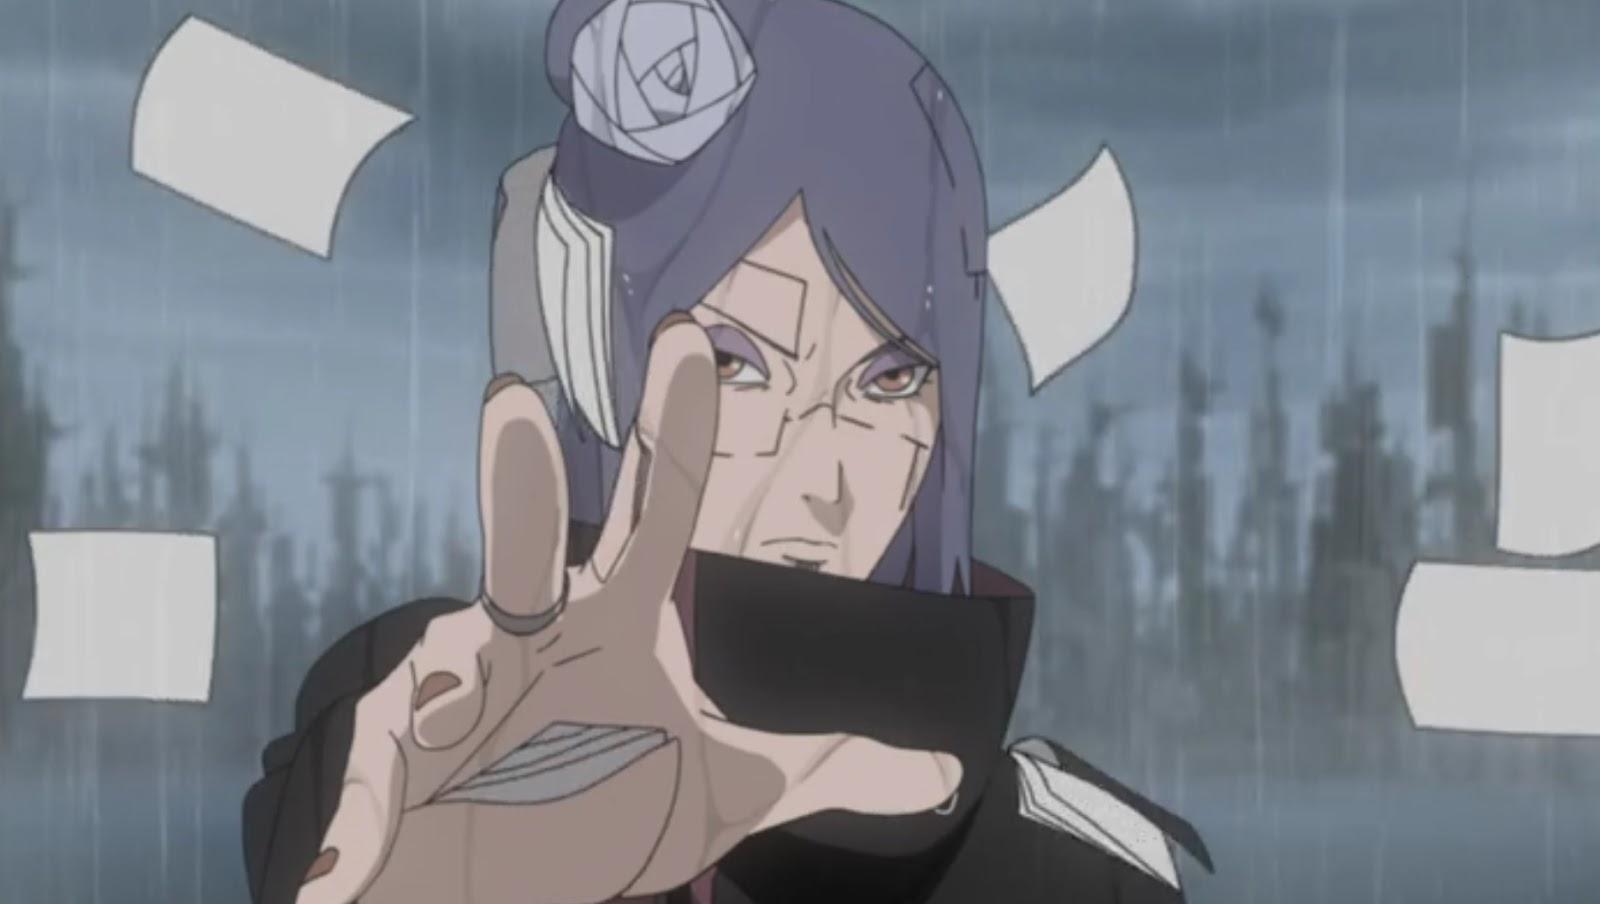 Naruto Shippuden Episódio 252, Assistir Naruto Shippuden Episódio 252, Assistir Naruto Shippuden Todos os Episódios Legendado, Naruto Shippuden episódio 252,HD